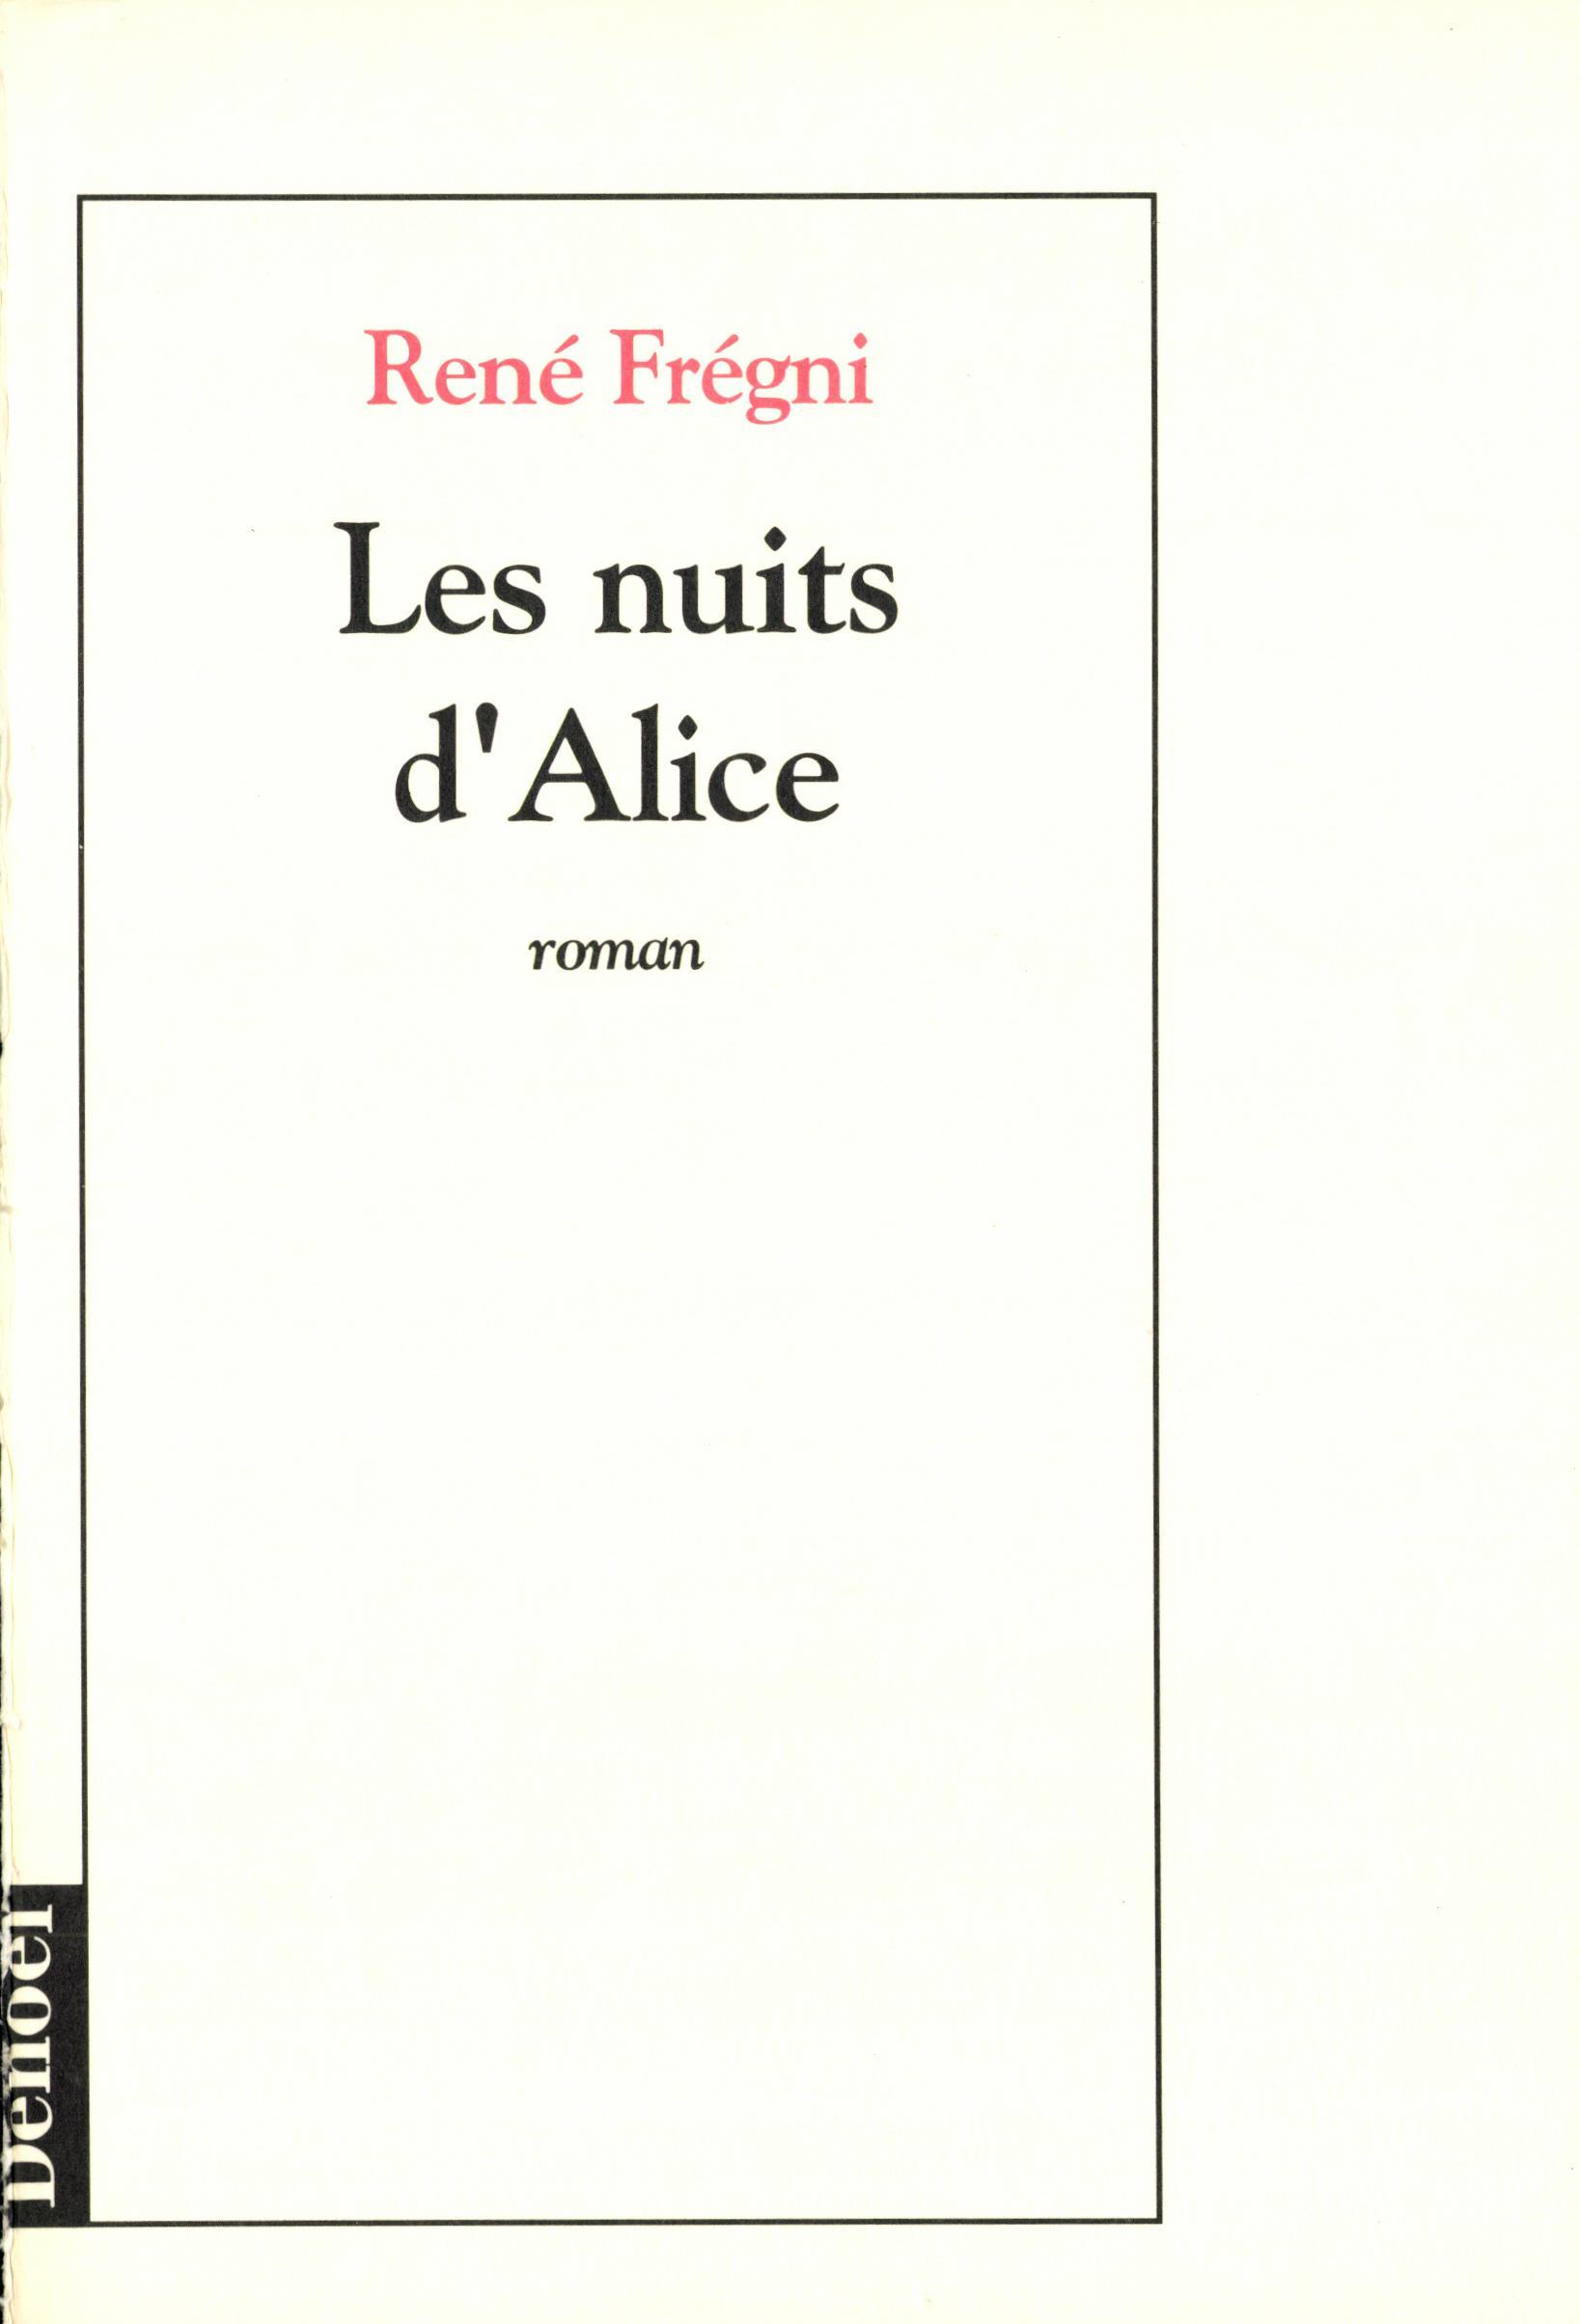 Les Nuits d'Alice